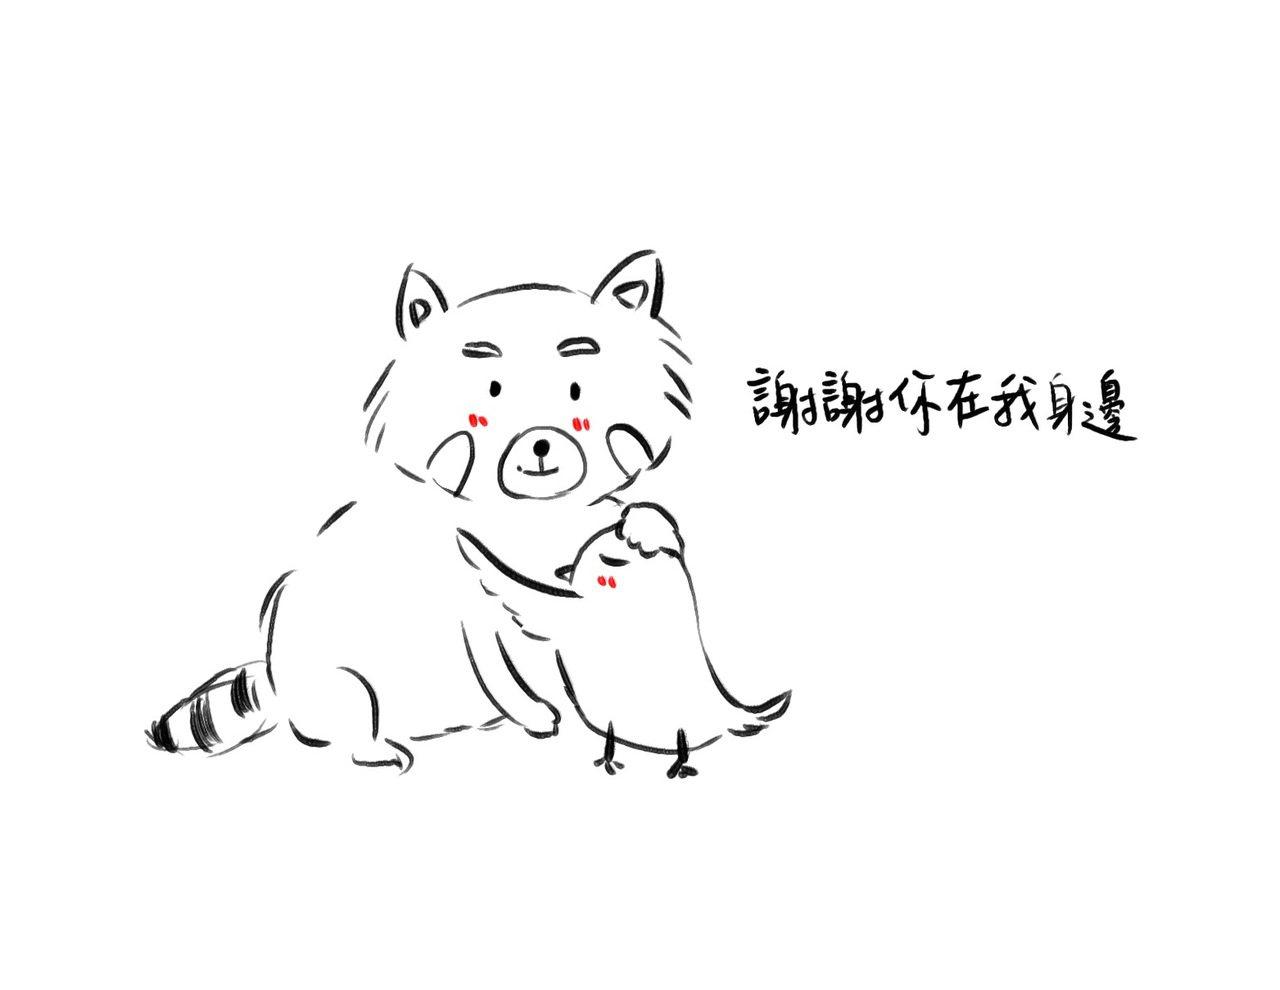 圖文作家厭世姬畫給今結連理的劇作家簡莉穎小浣熊圖,之前未曾公開。圖/簡莉穎提供。